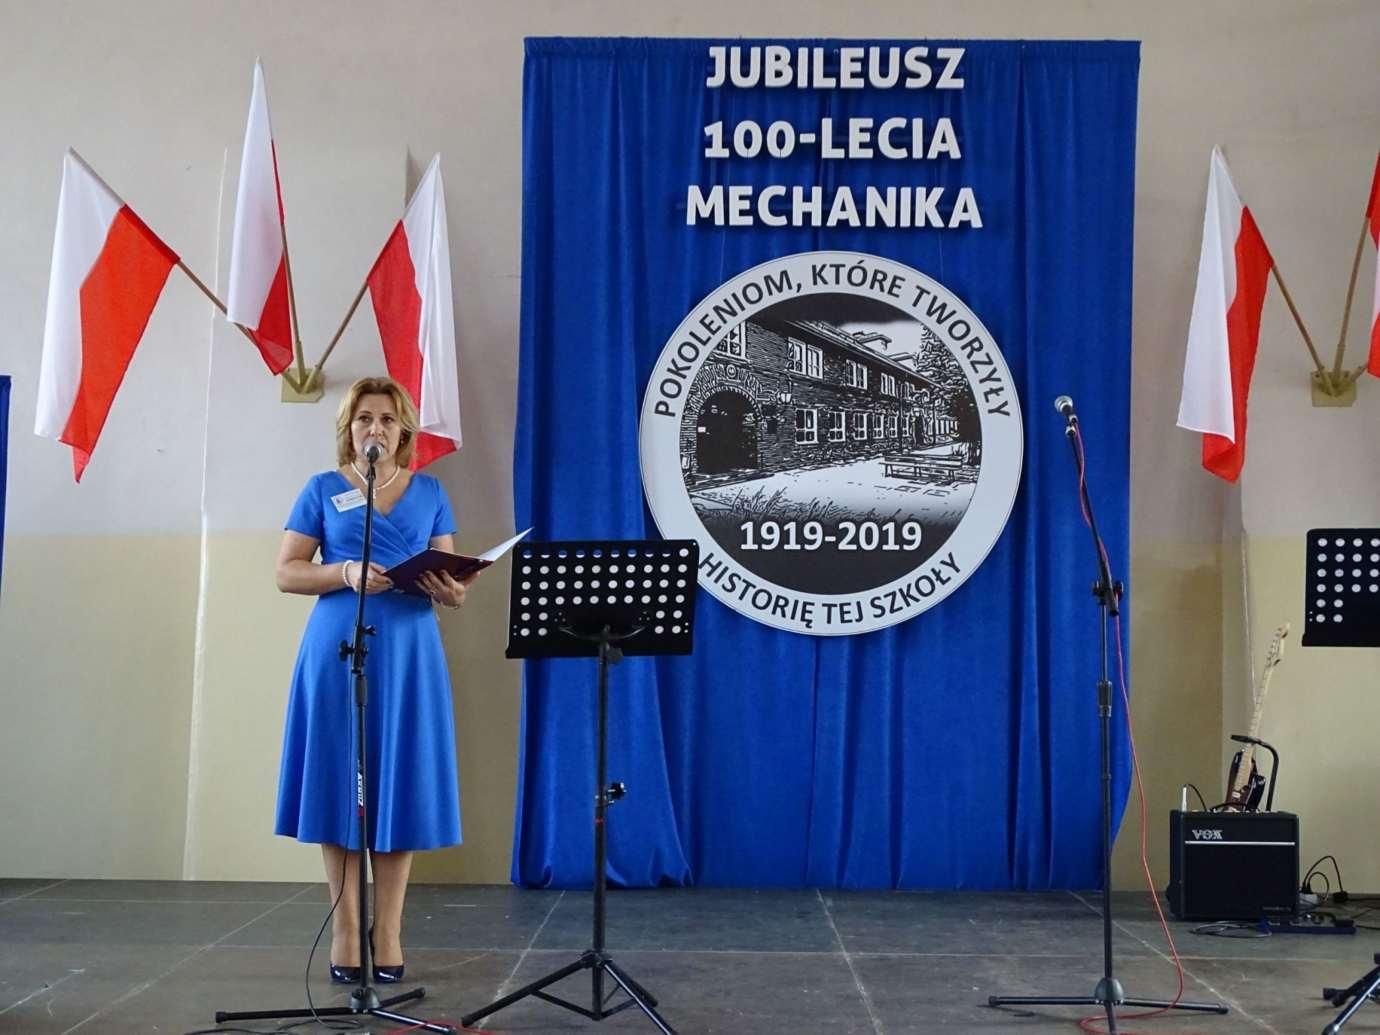 dsc07977 Jubileusz 100-lecia zamojskiego